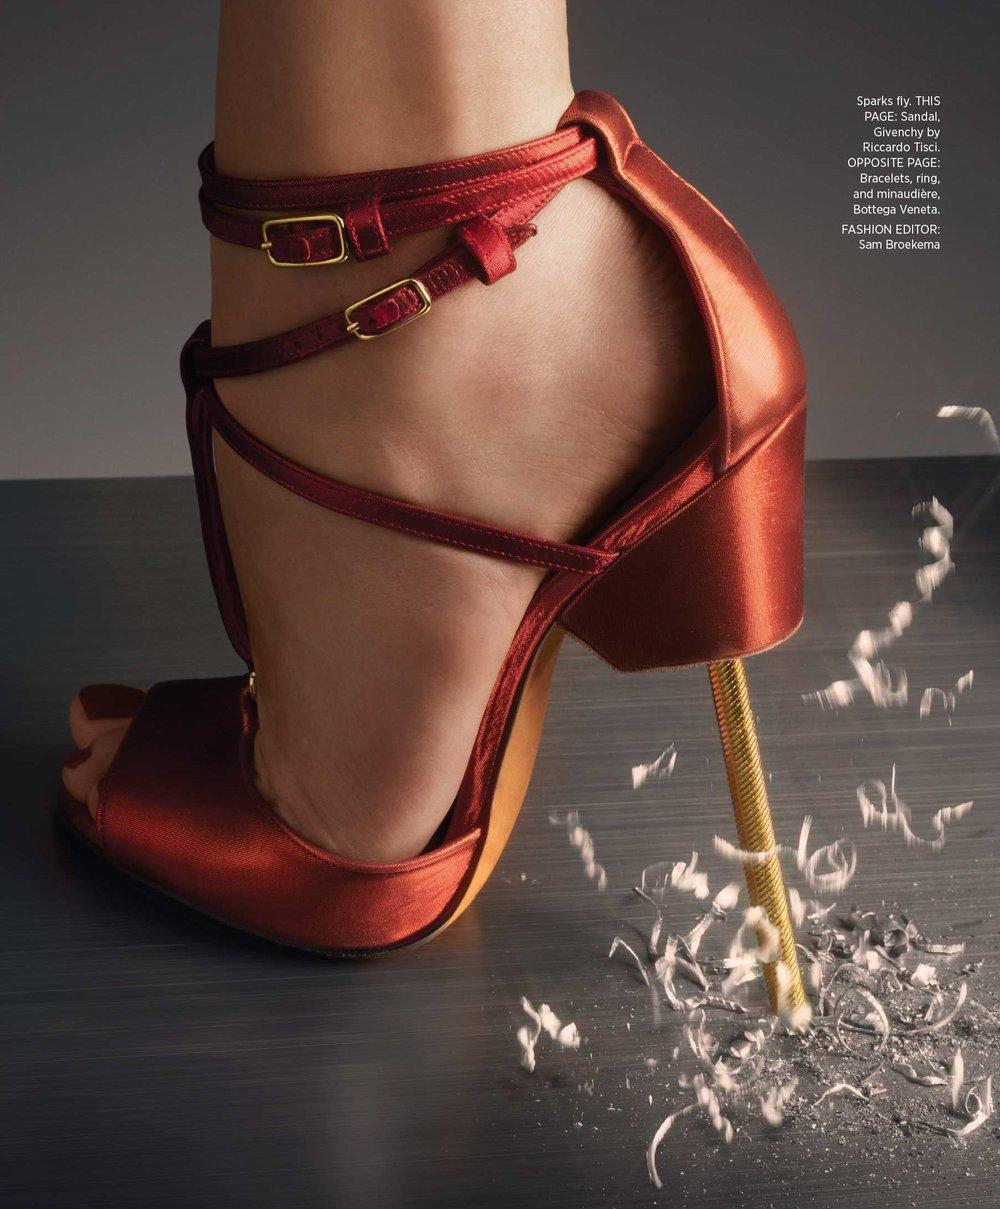 Harper's Bazaar - Dan Forbes (5).jpg